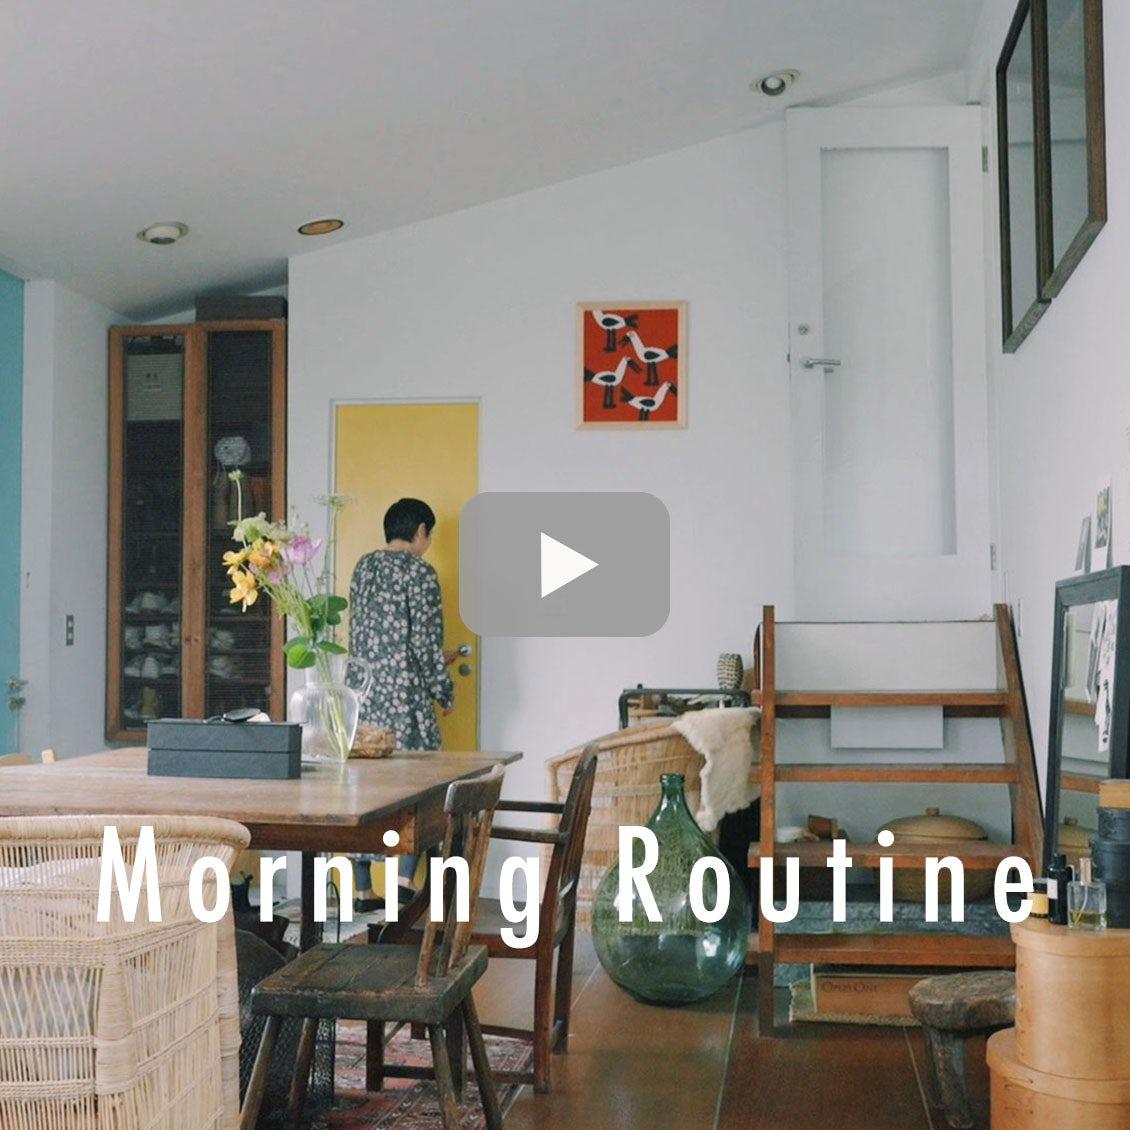 【わたしの朝習慣】朝食づくりの間に、夫が掃き掃除を。家事分担で家族の時間にゆとりをつくる